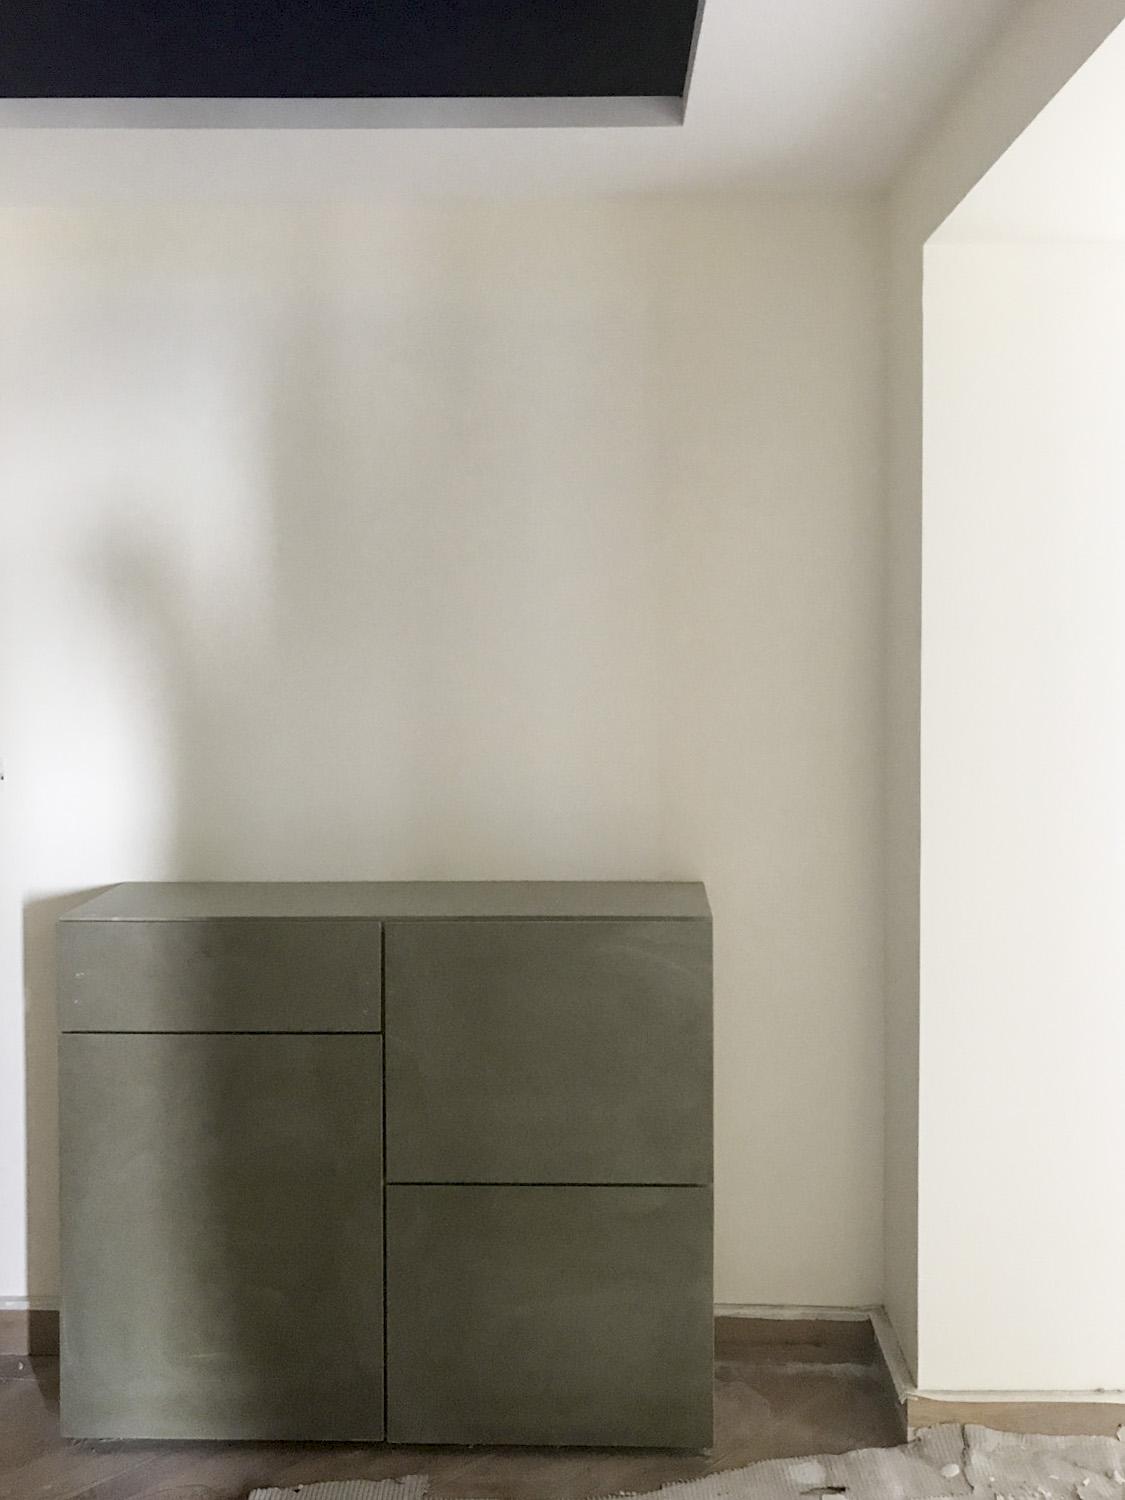 Apartamento Azul Farol - Porto - EVA evolutionary architecture - EVA atelier - Arquitecto - Remodelação (25).jpg